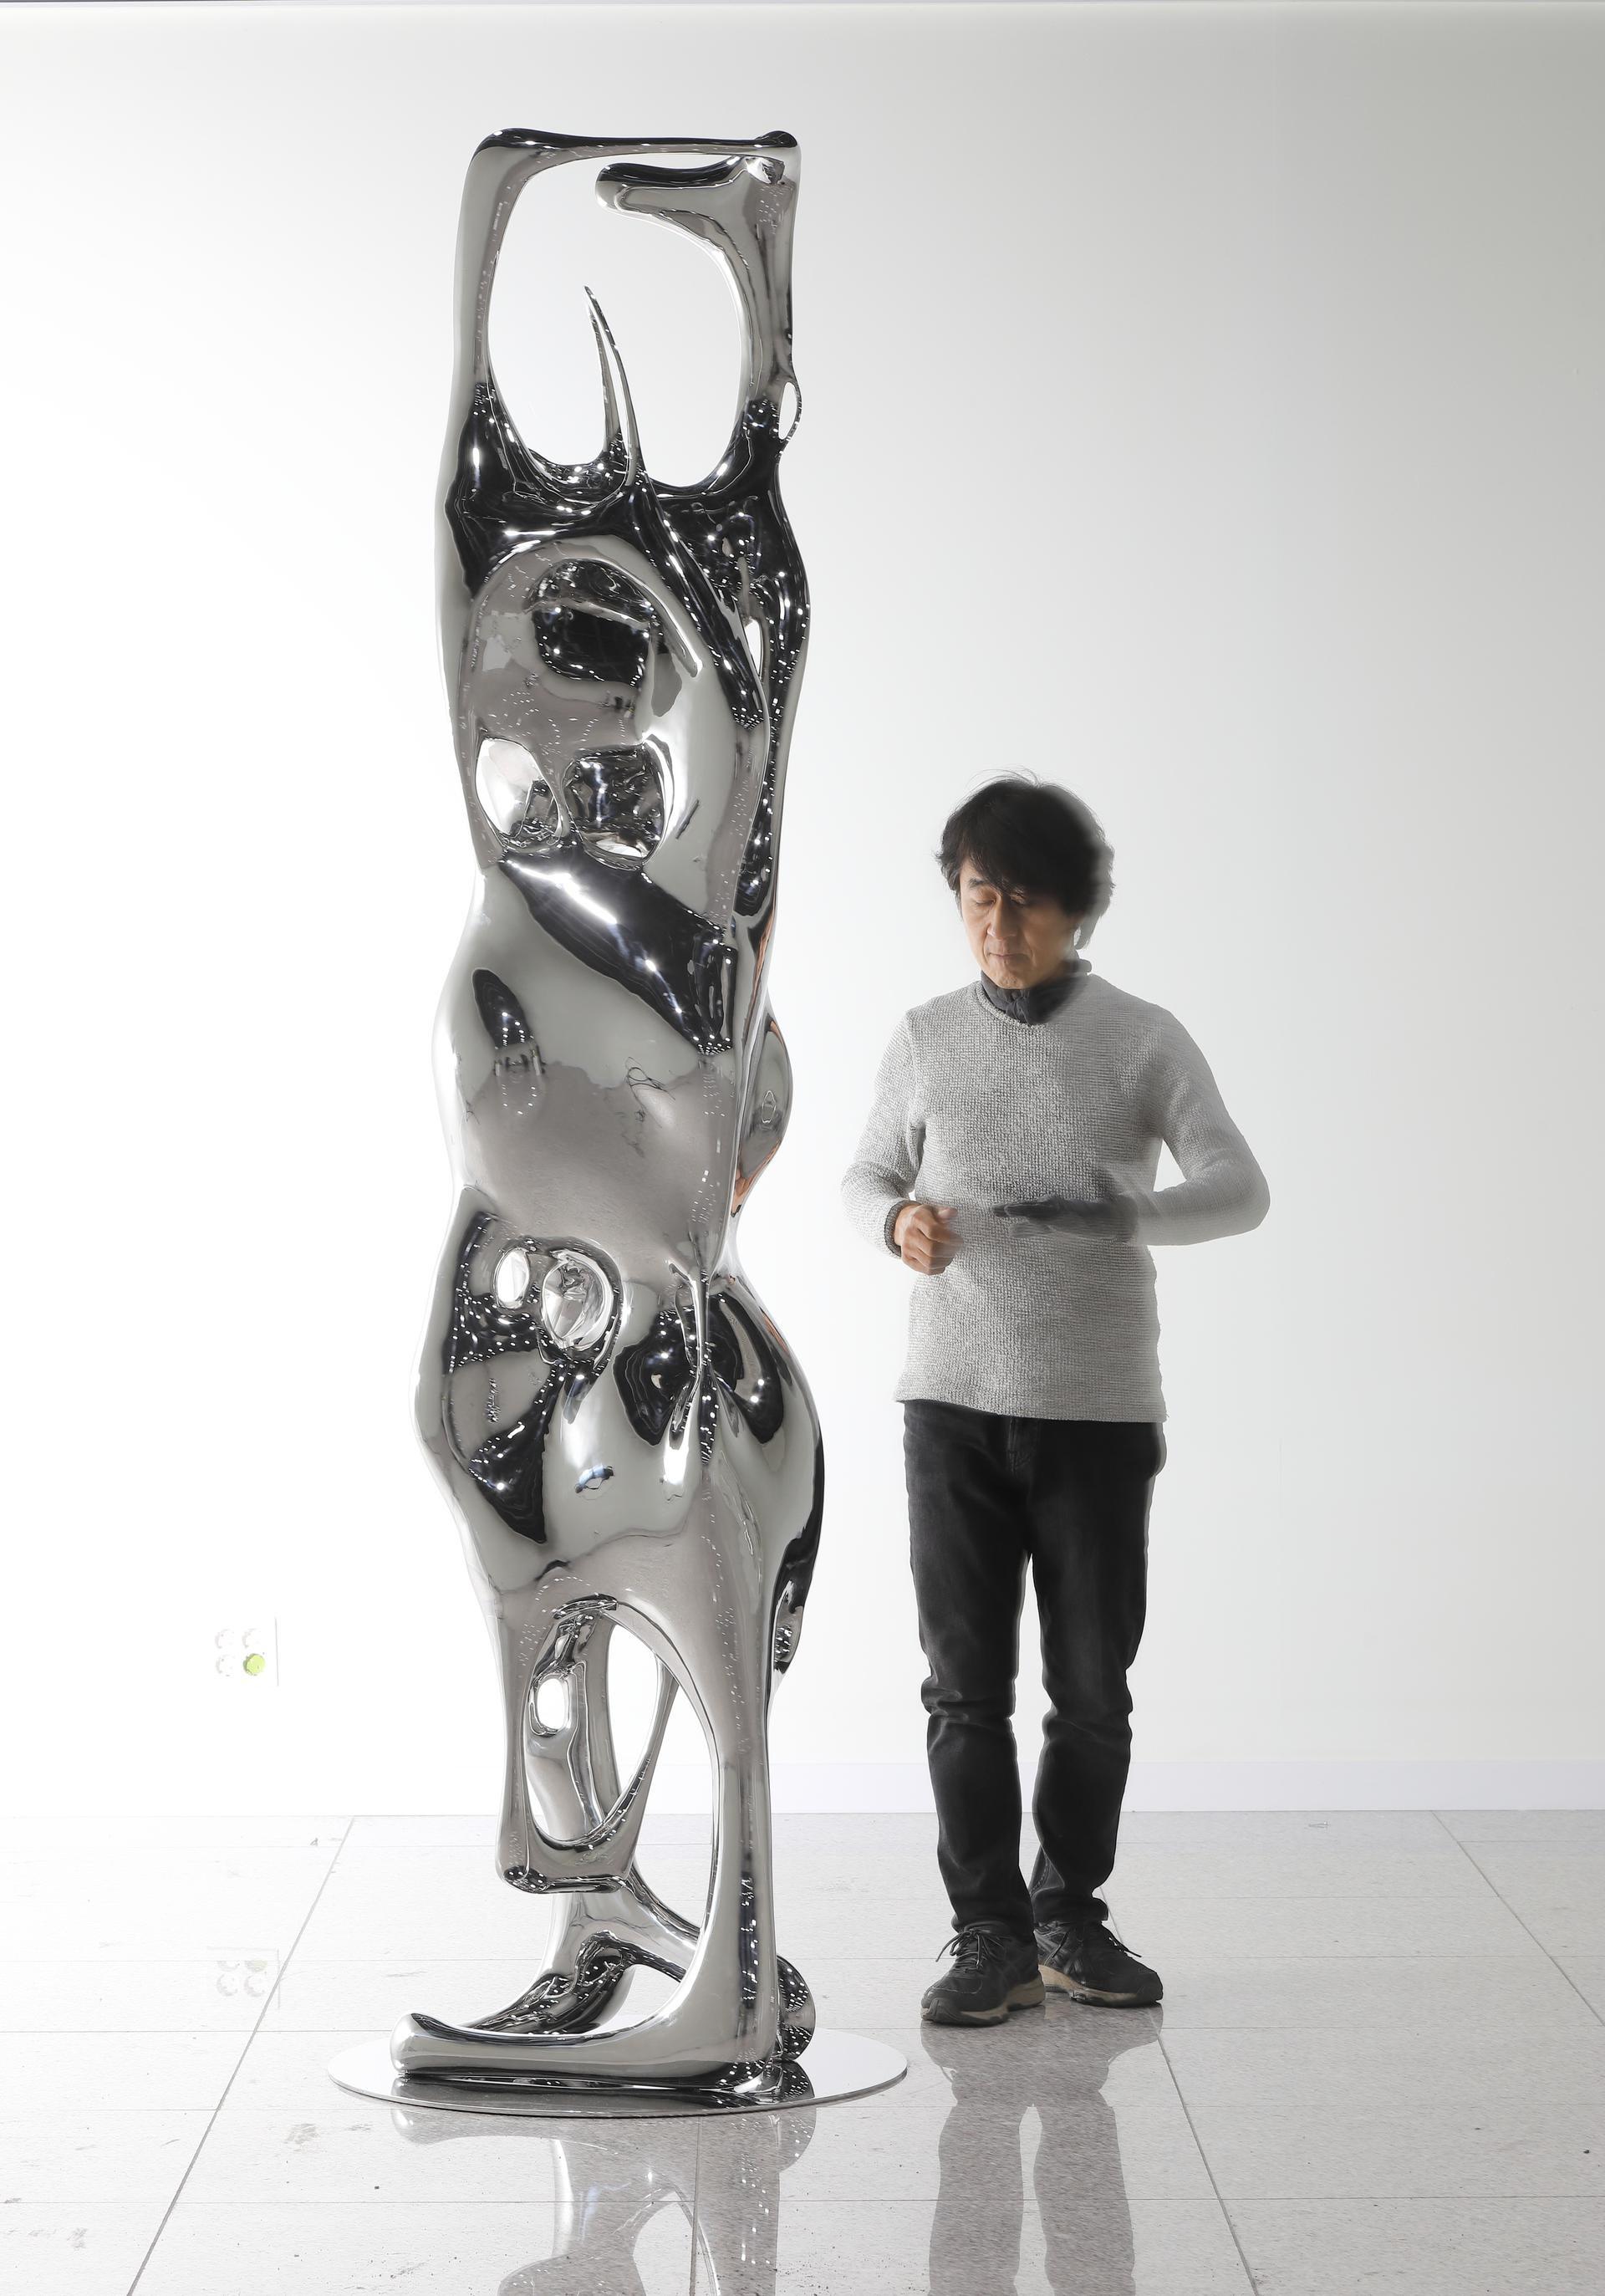 Kim SeungHwan, Organism, 2021, acciaio, 82x25x77 cm